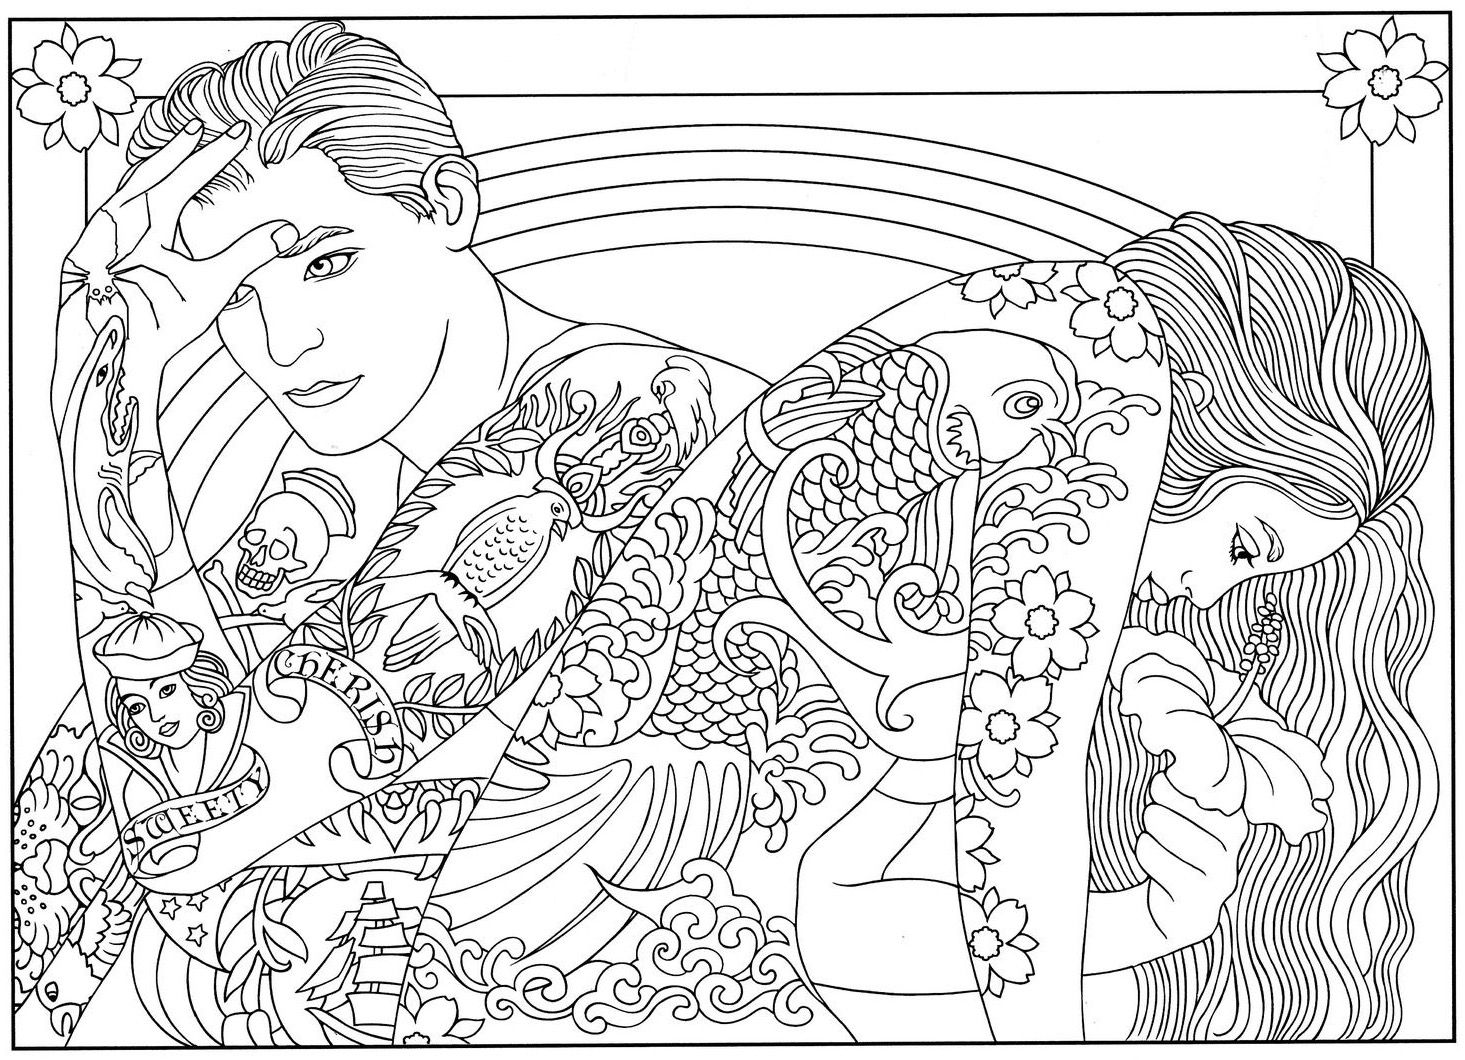 Pin de Salazar Vaneno en Art | Pinterest | Mandalas, Colorin y Plástica